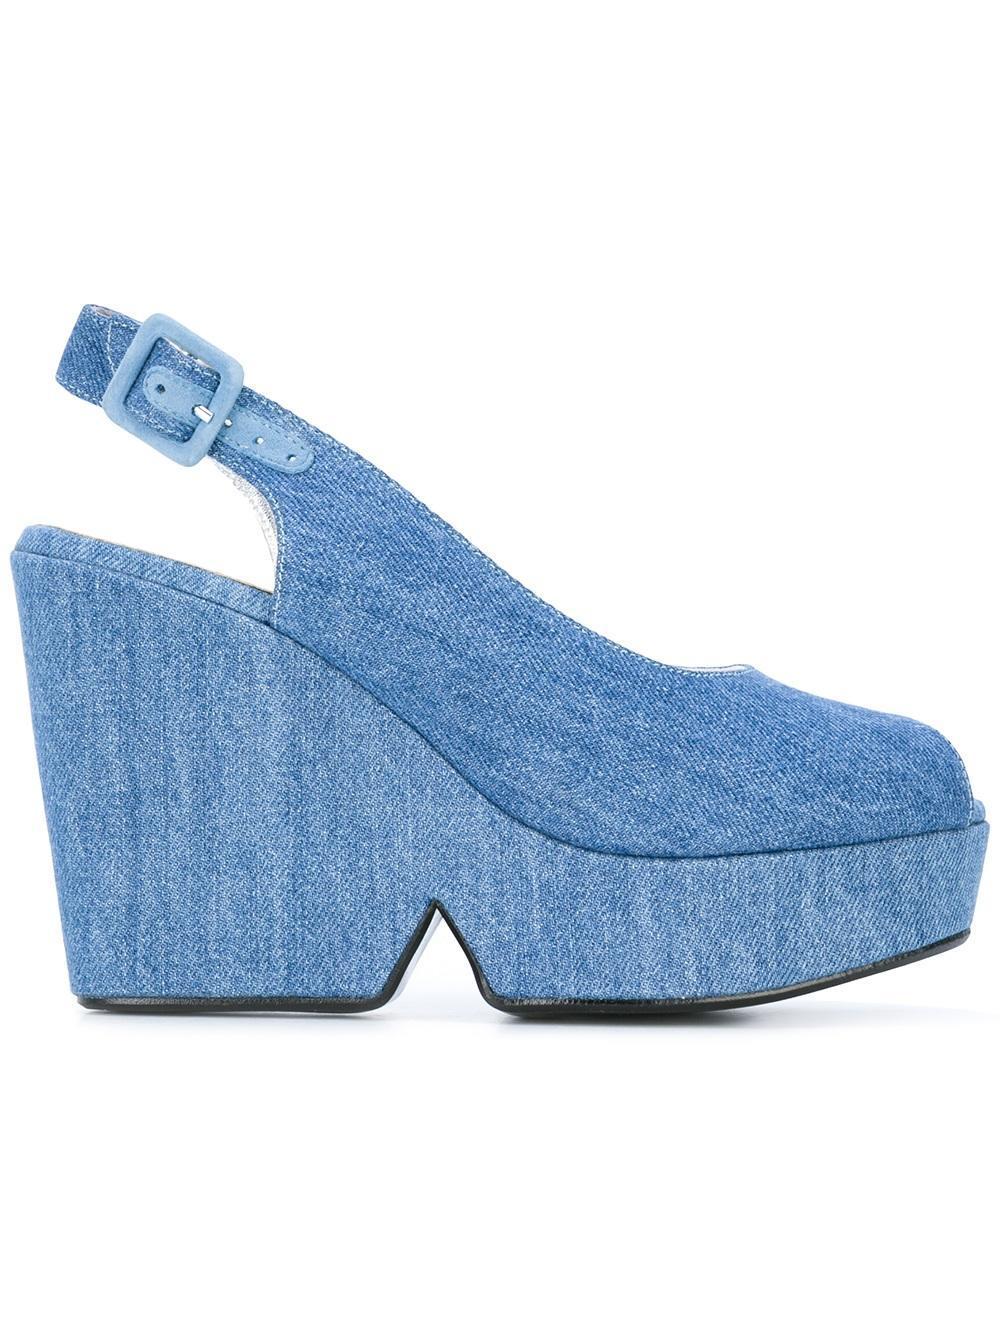 Triple buckle sandal flats shoejob 5